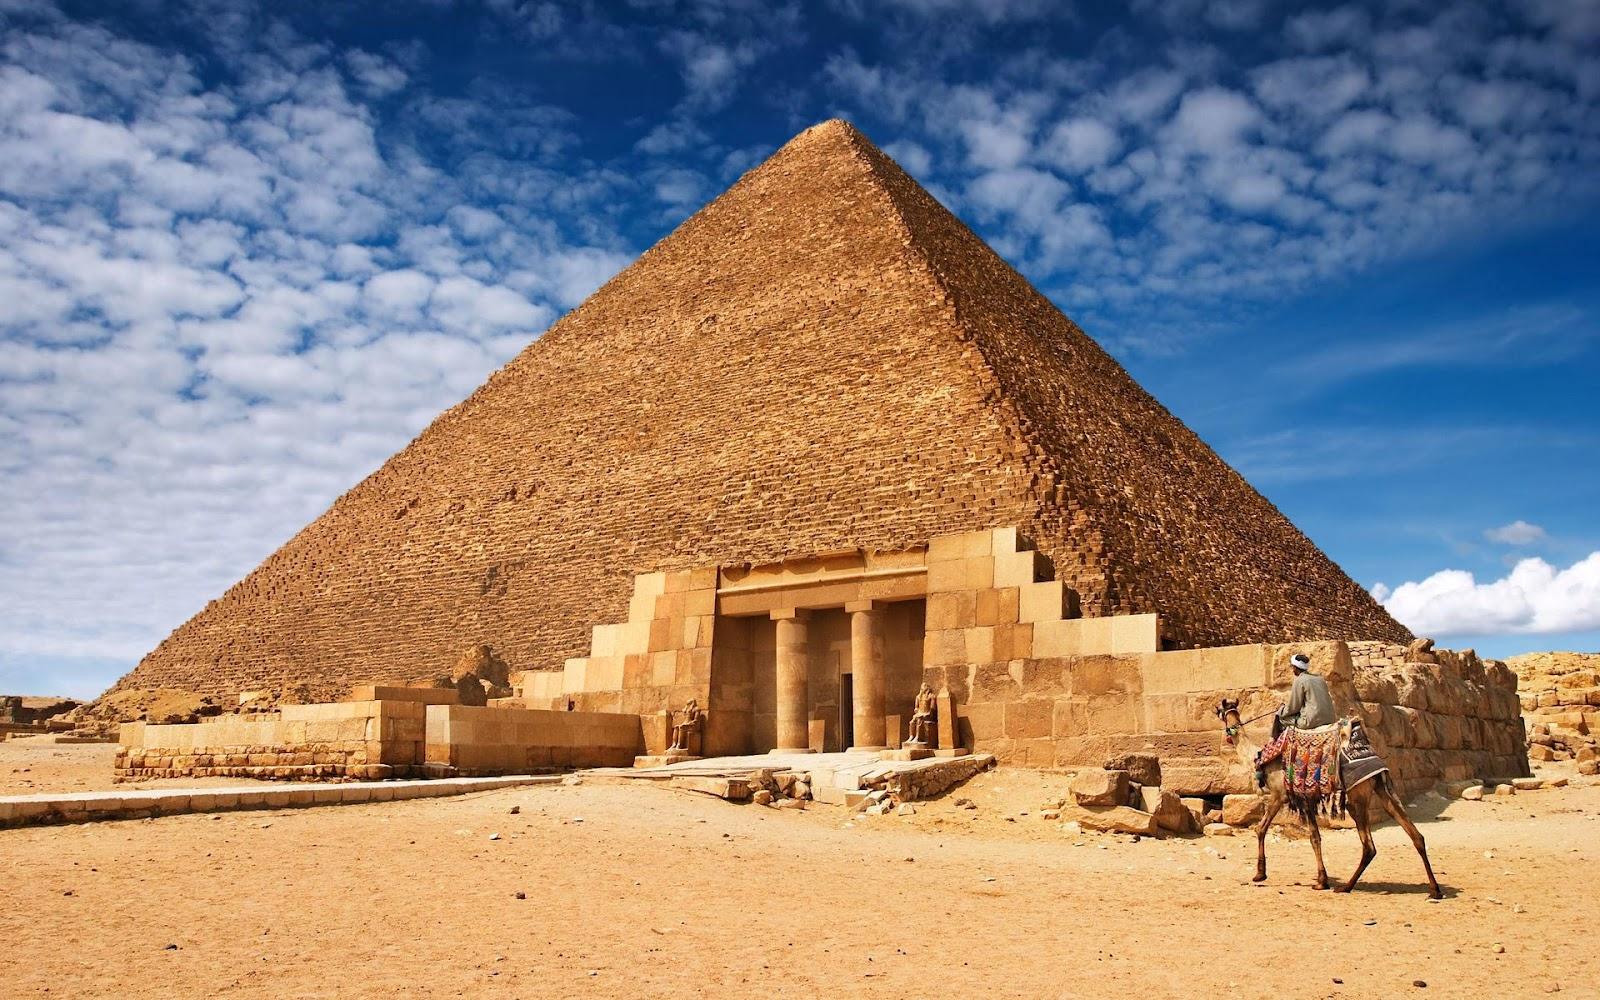 http://1.bp.blogspot.com/-5riNbRP1NJA/T_71bSssrpI/AAAAAAAAE0A/CgO9EfeSWZc/s1600/Egyptian-Pyramids-HD-Wallpaper.jpg